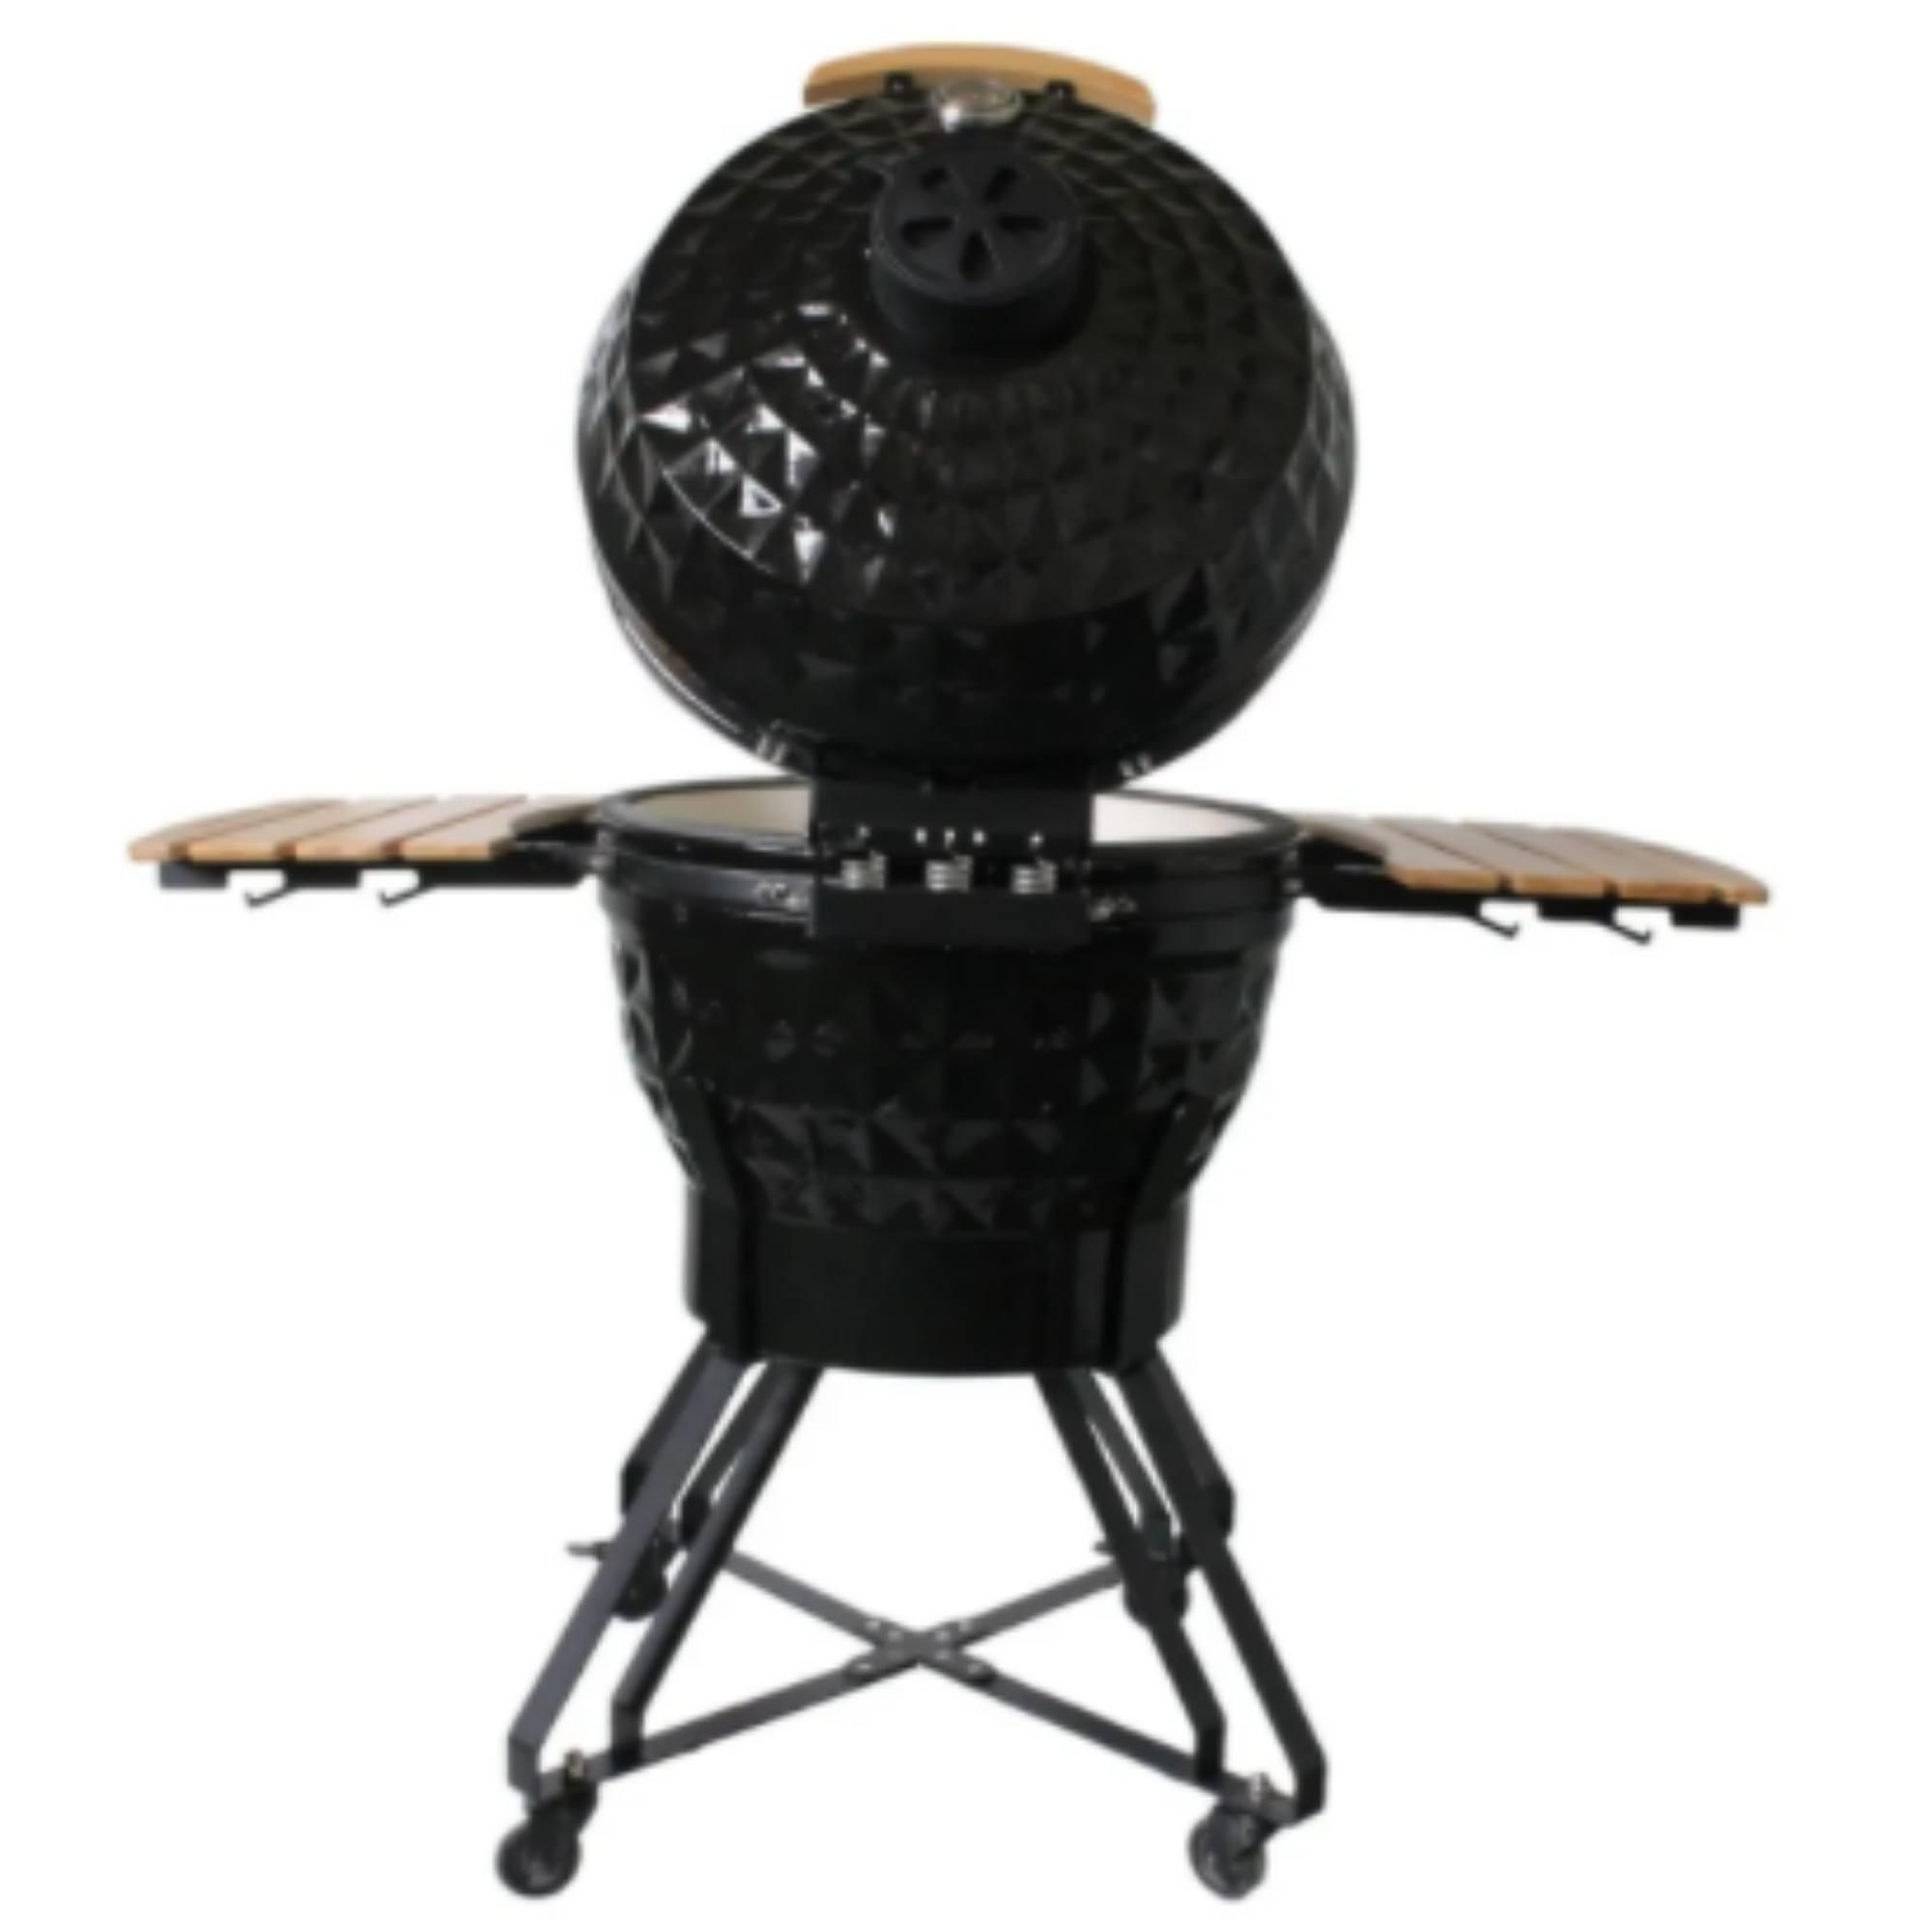 Churrasqueira Kamado Big Bob Egg Cerâmica Carvão Grill 24  - Sua Casa Gourmet e Cia